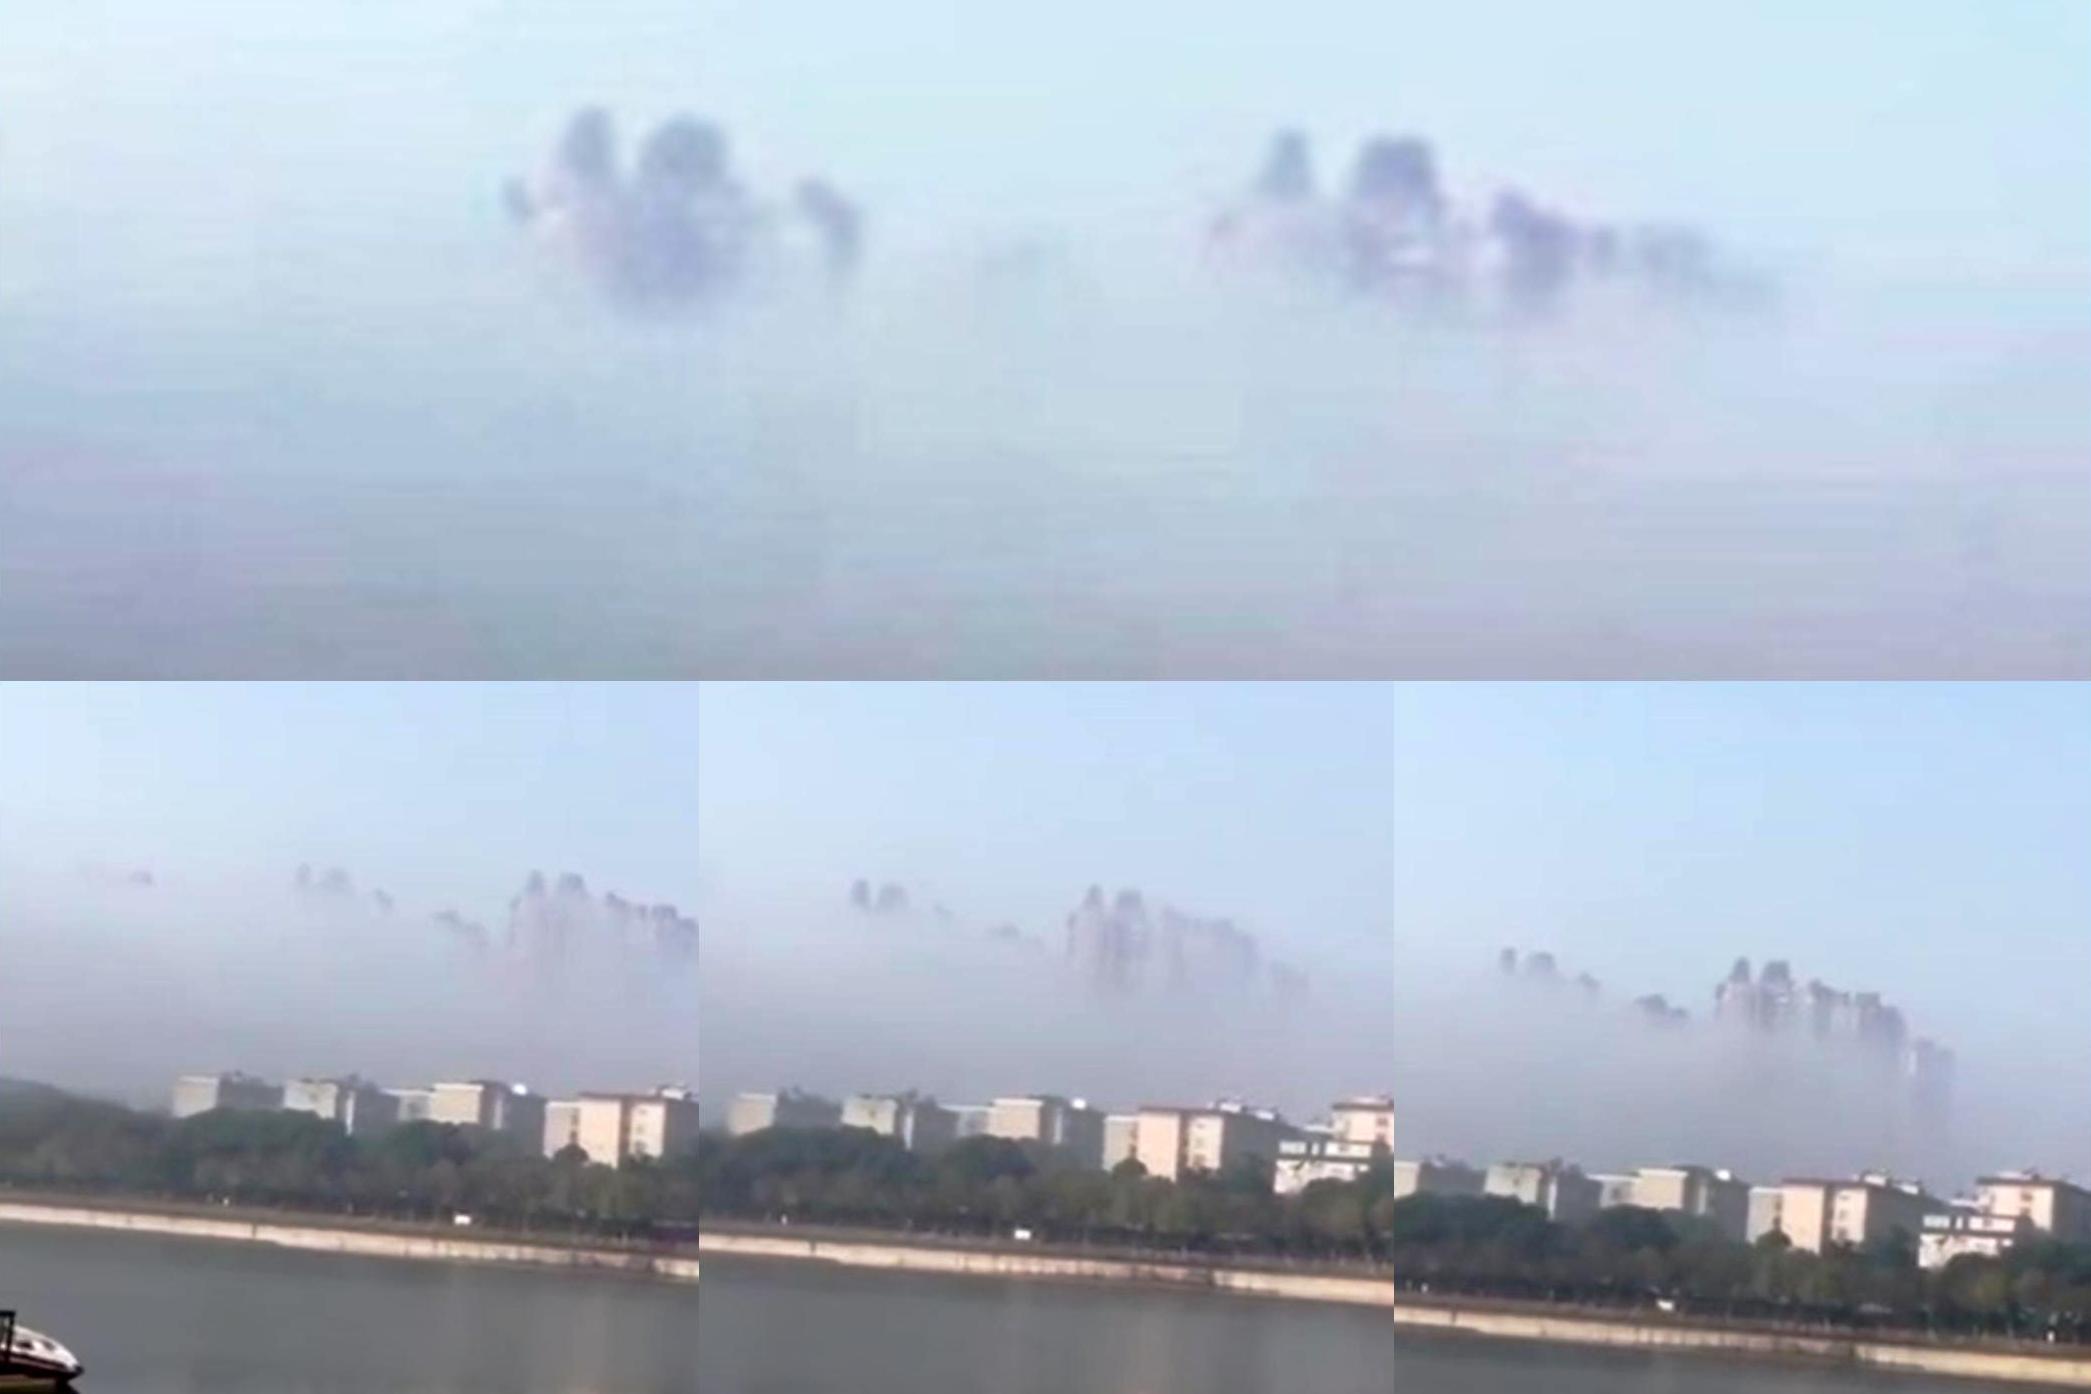 中國岳陽近日出現海市蜃樓 建築物清晰可見